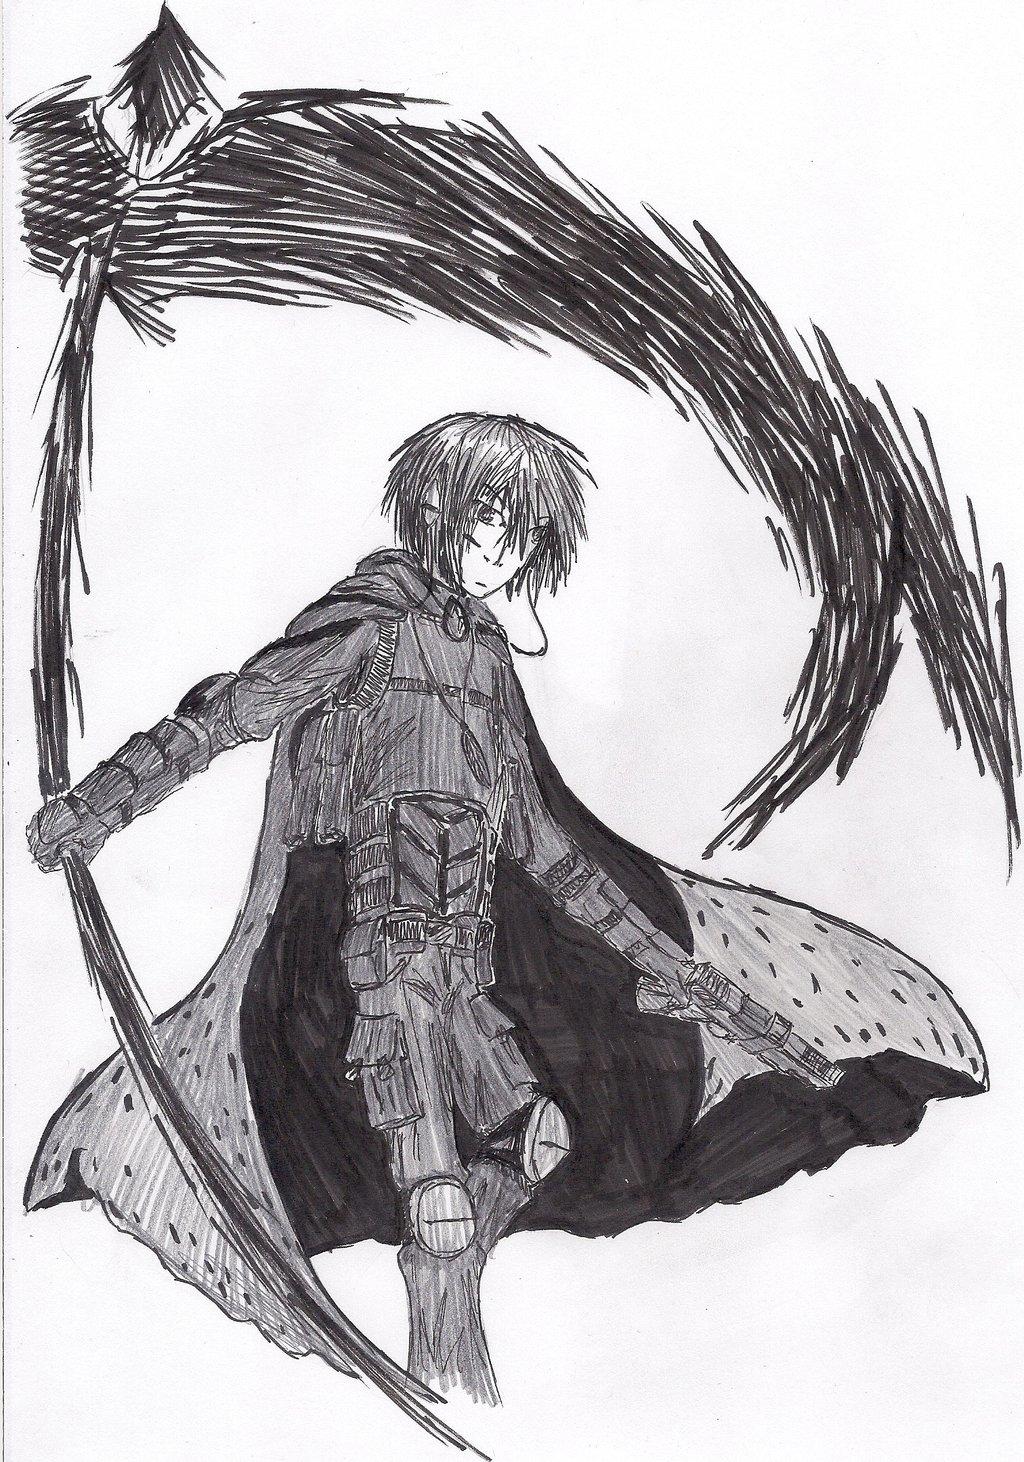 Drawn scythe shadow Tenebris Raven Tenebris Raven by